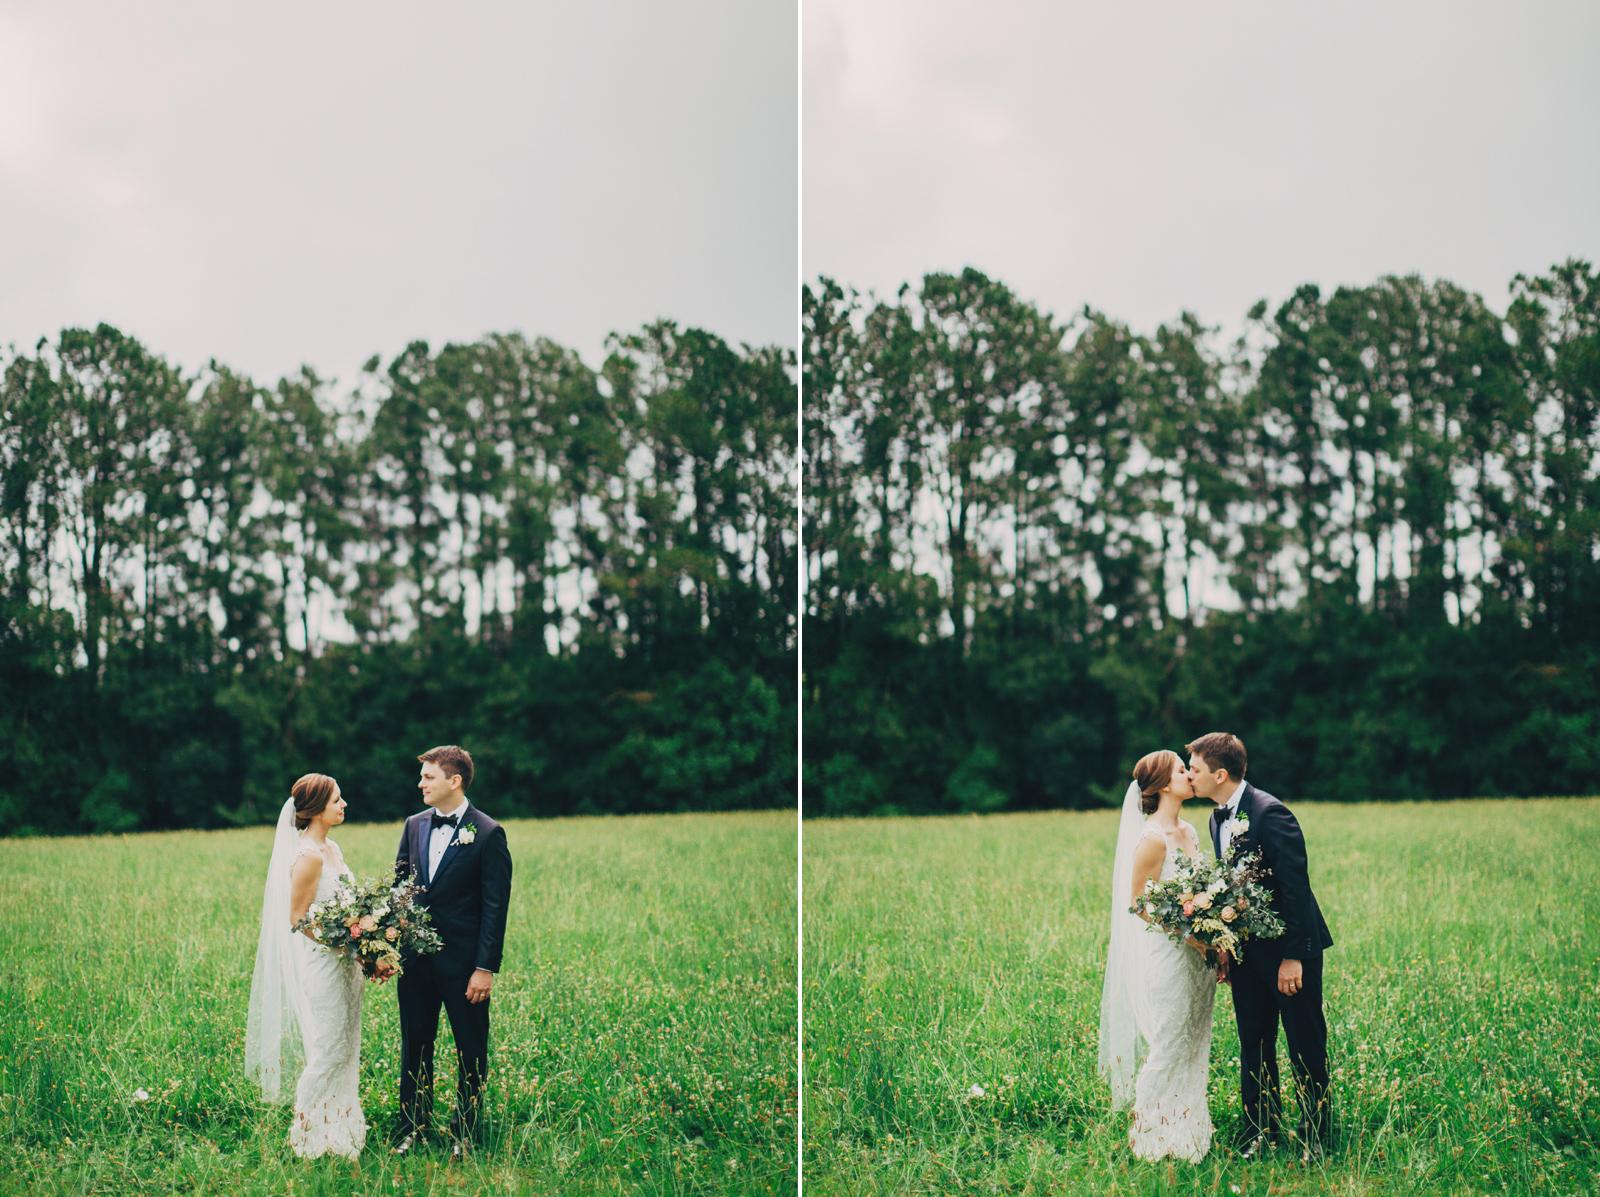 Hilary-&-Darren-Married---0469